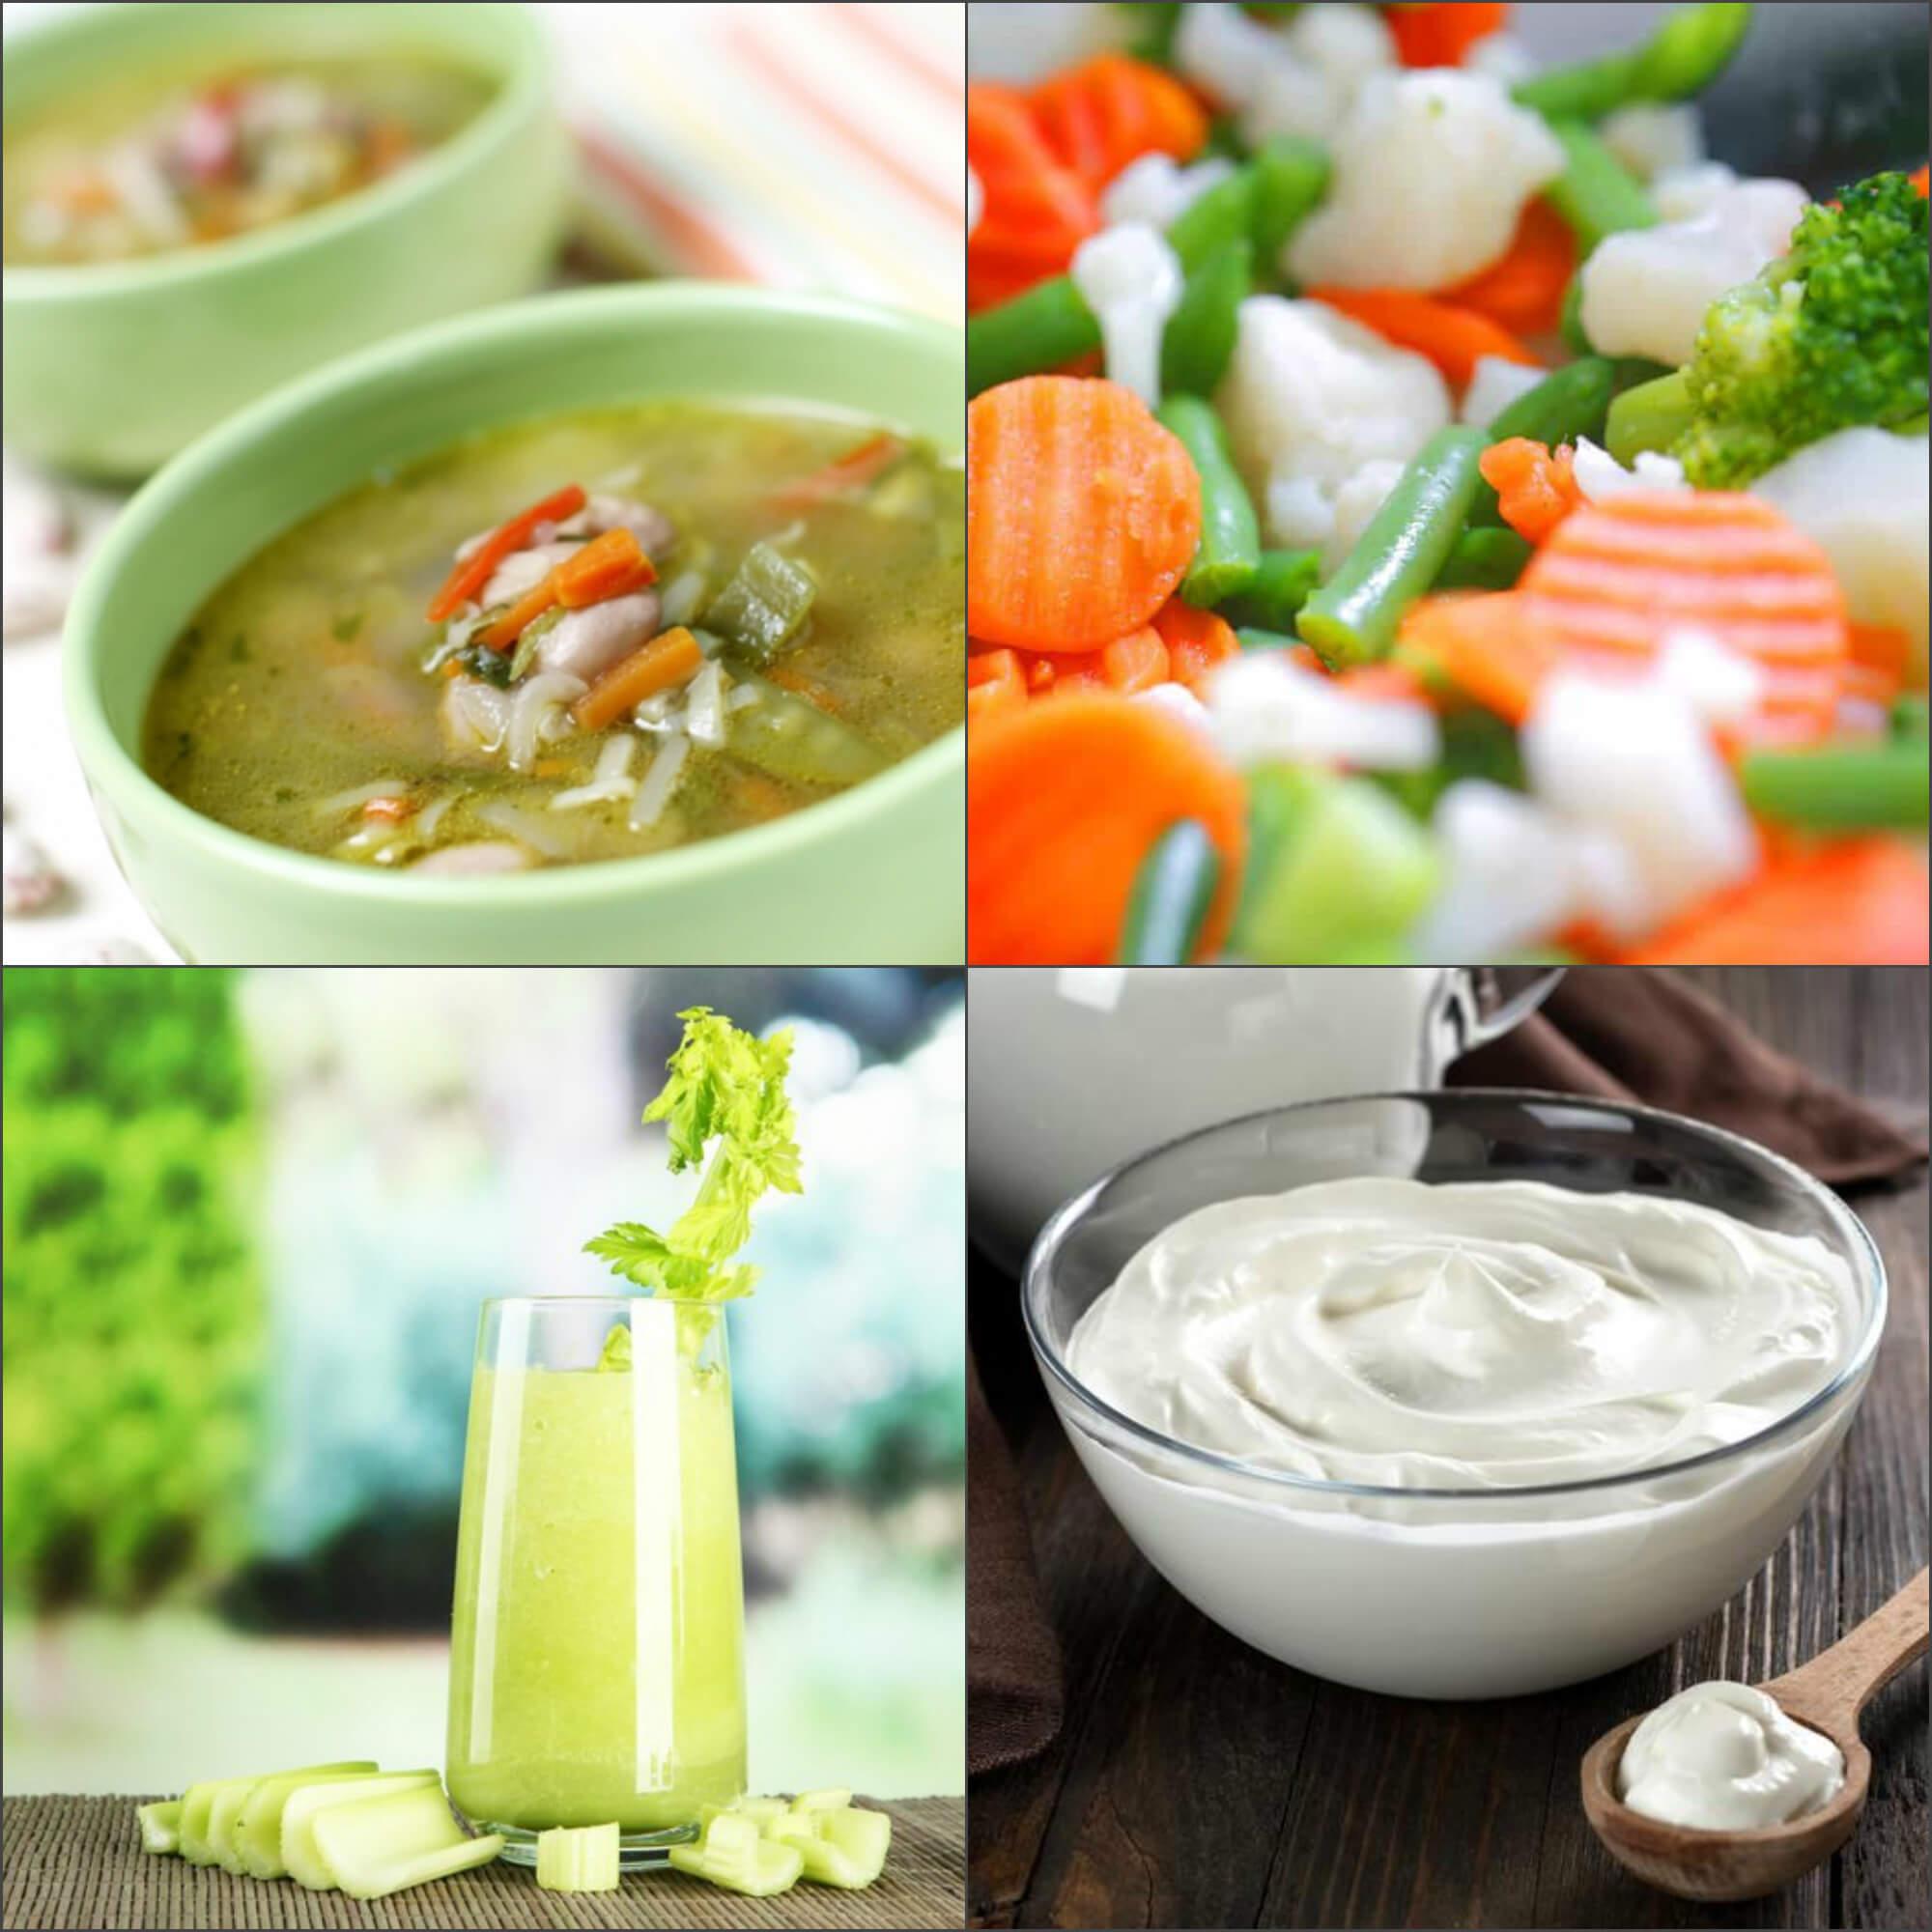 диета на сельдереевом супе 7 дней меню на каждый день